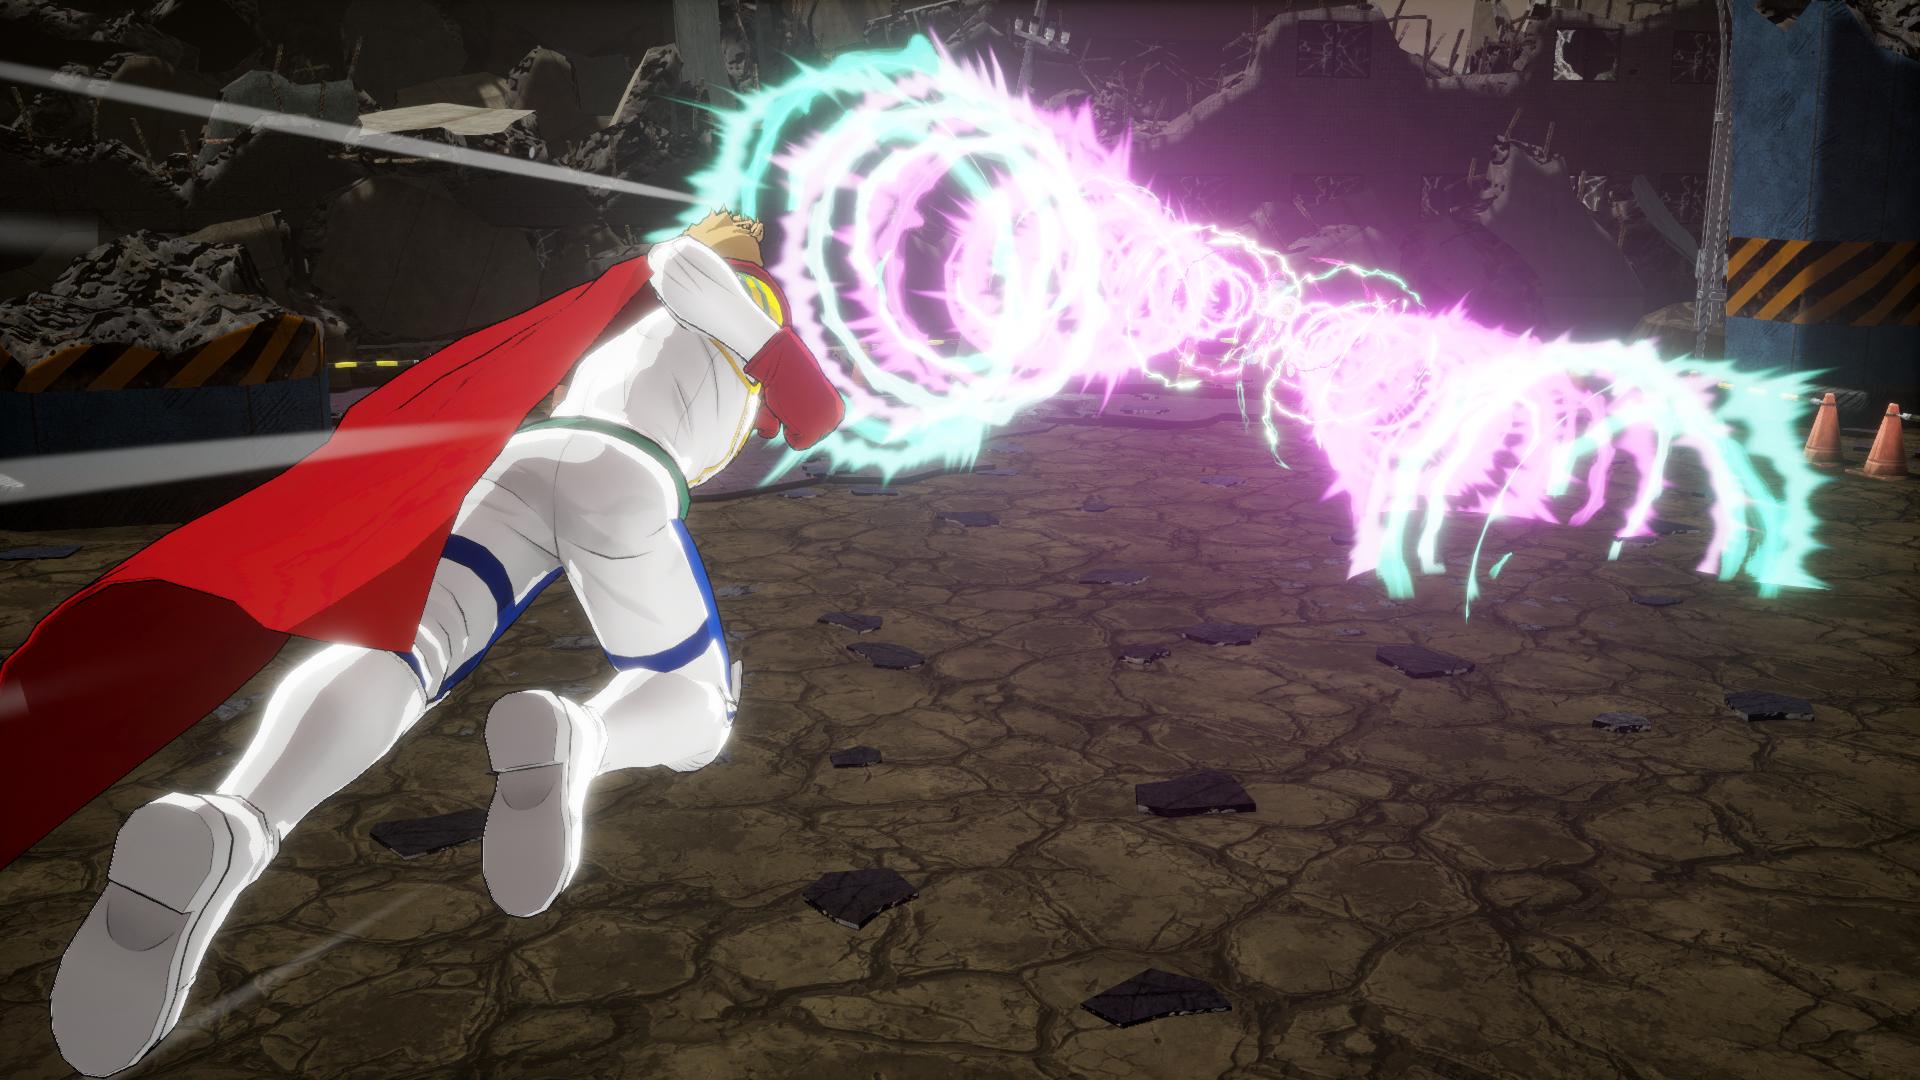 49650621098 2143d6b837 o - Ein My Hero One's Justice 2′-Guide zu den neuen Charakteren des Arena Fighters für PS4